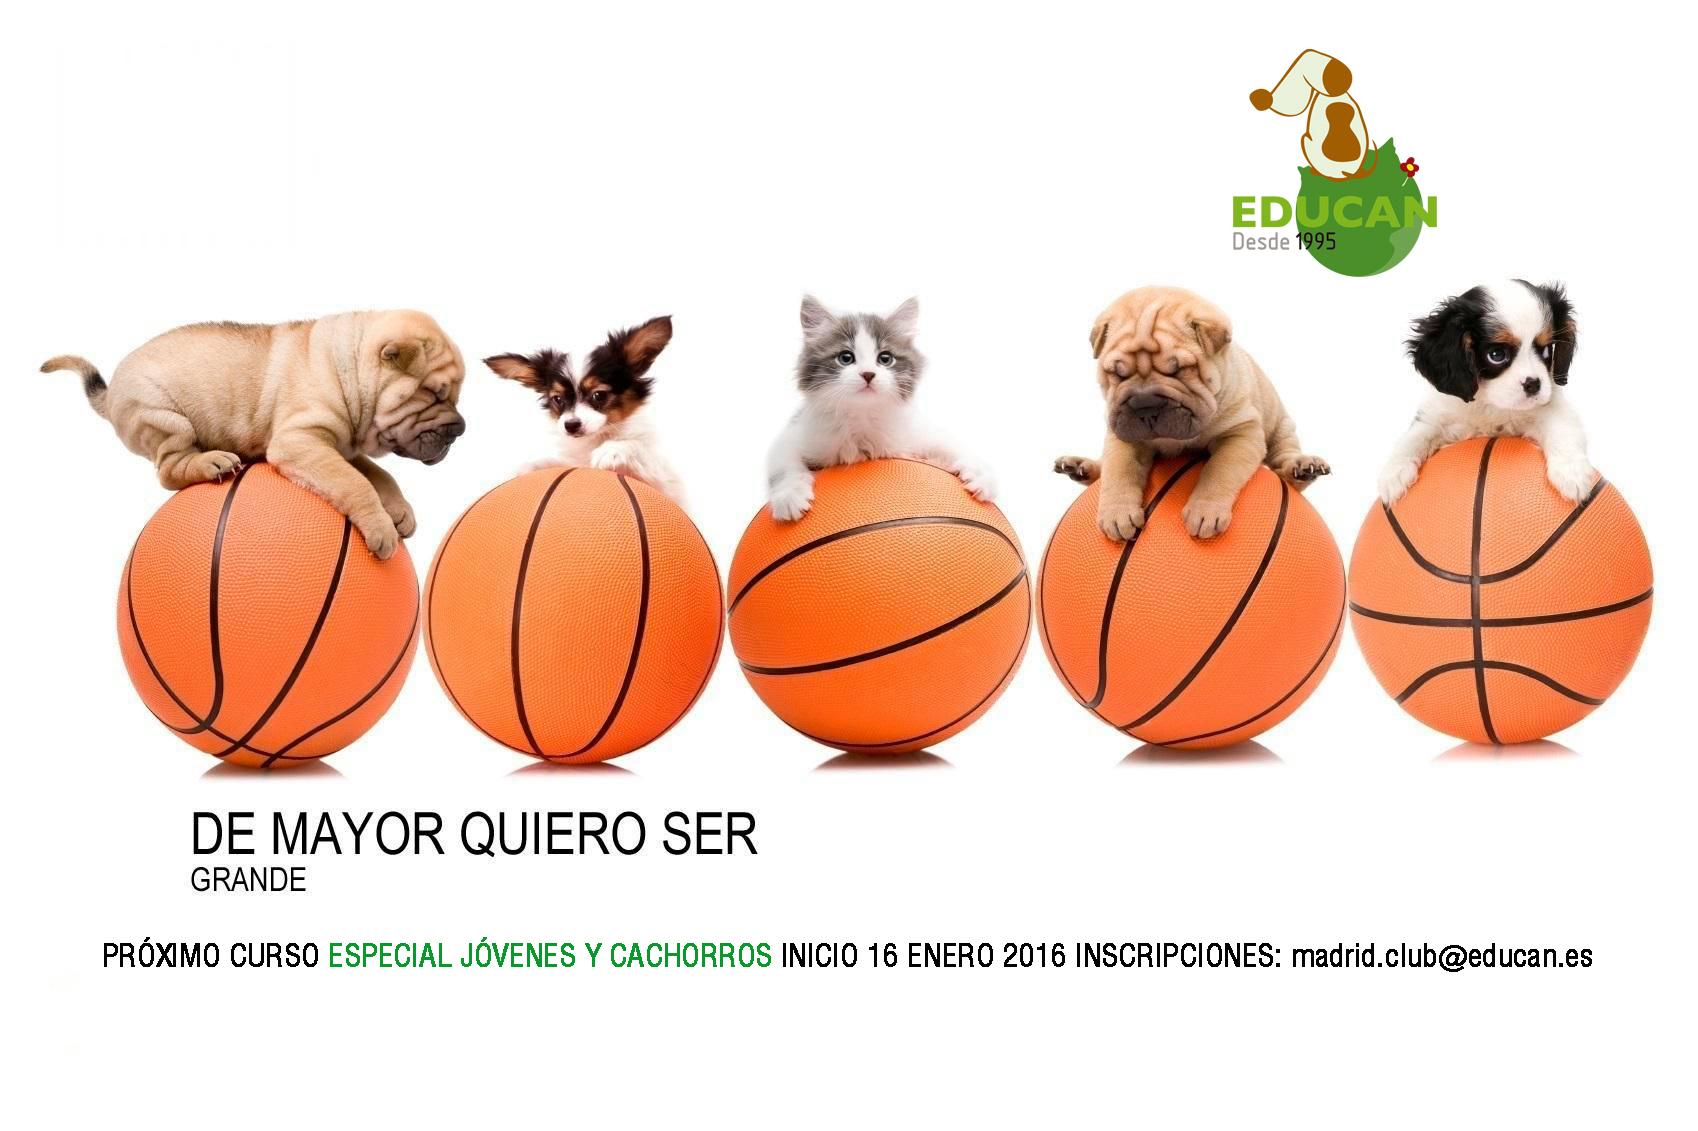 Cursos para cachorros y perros jóvenes. 16 de enero de 2016